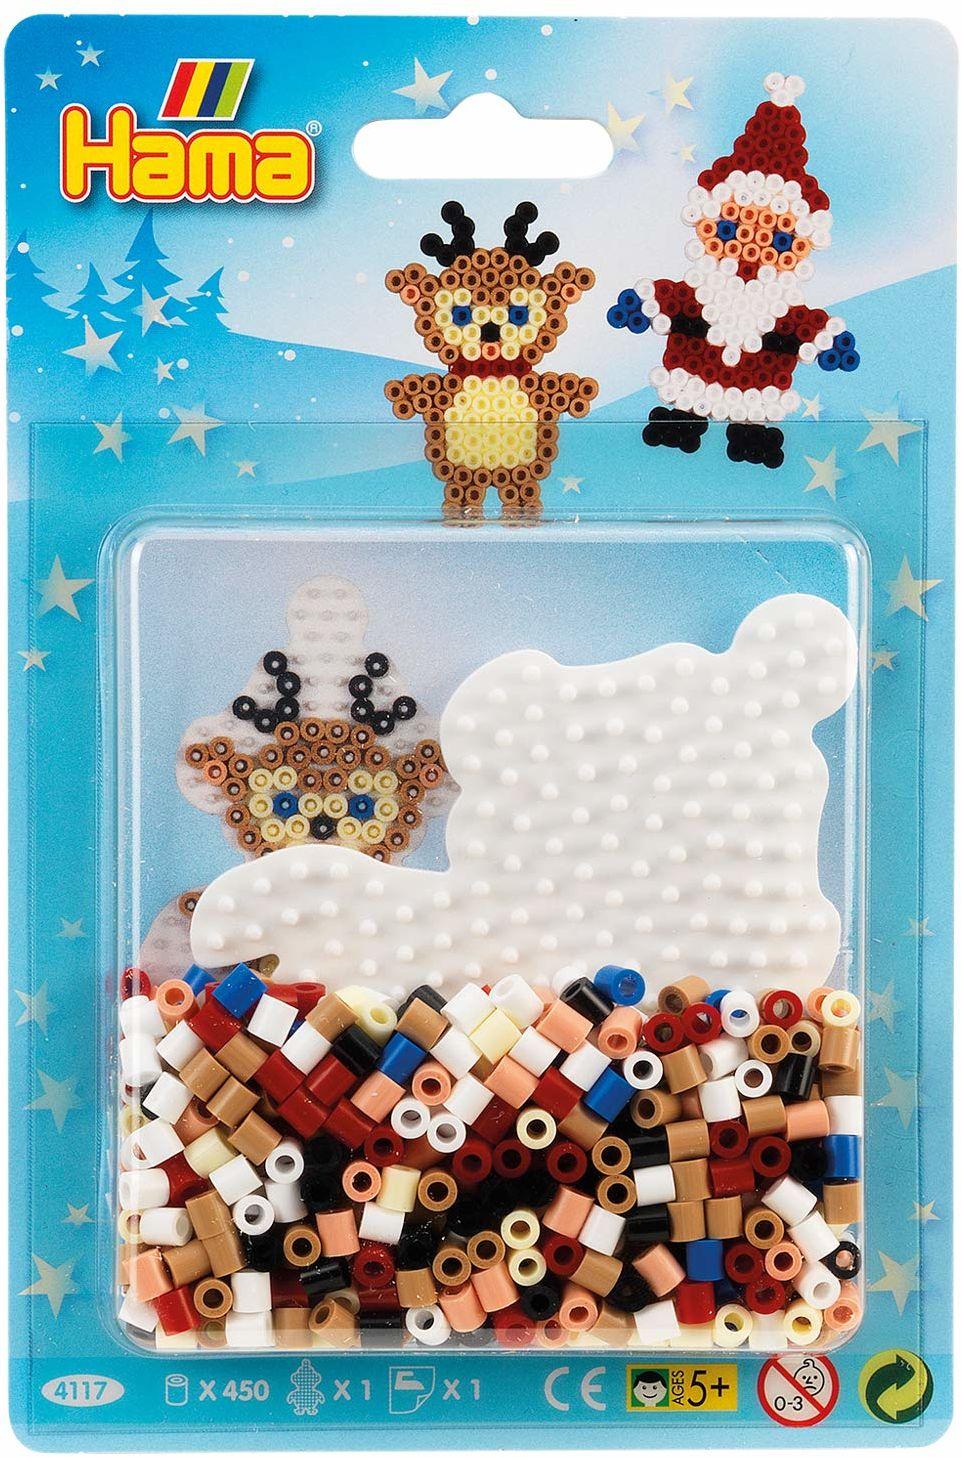 Hama Perlen 4117 małe opakowanie blistrowe Boże Narodzenie, koraliki do prasowania Midi, ok. 450 sztuk łącznie z płytką na długopis pingwin i akcesoriami